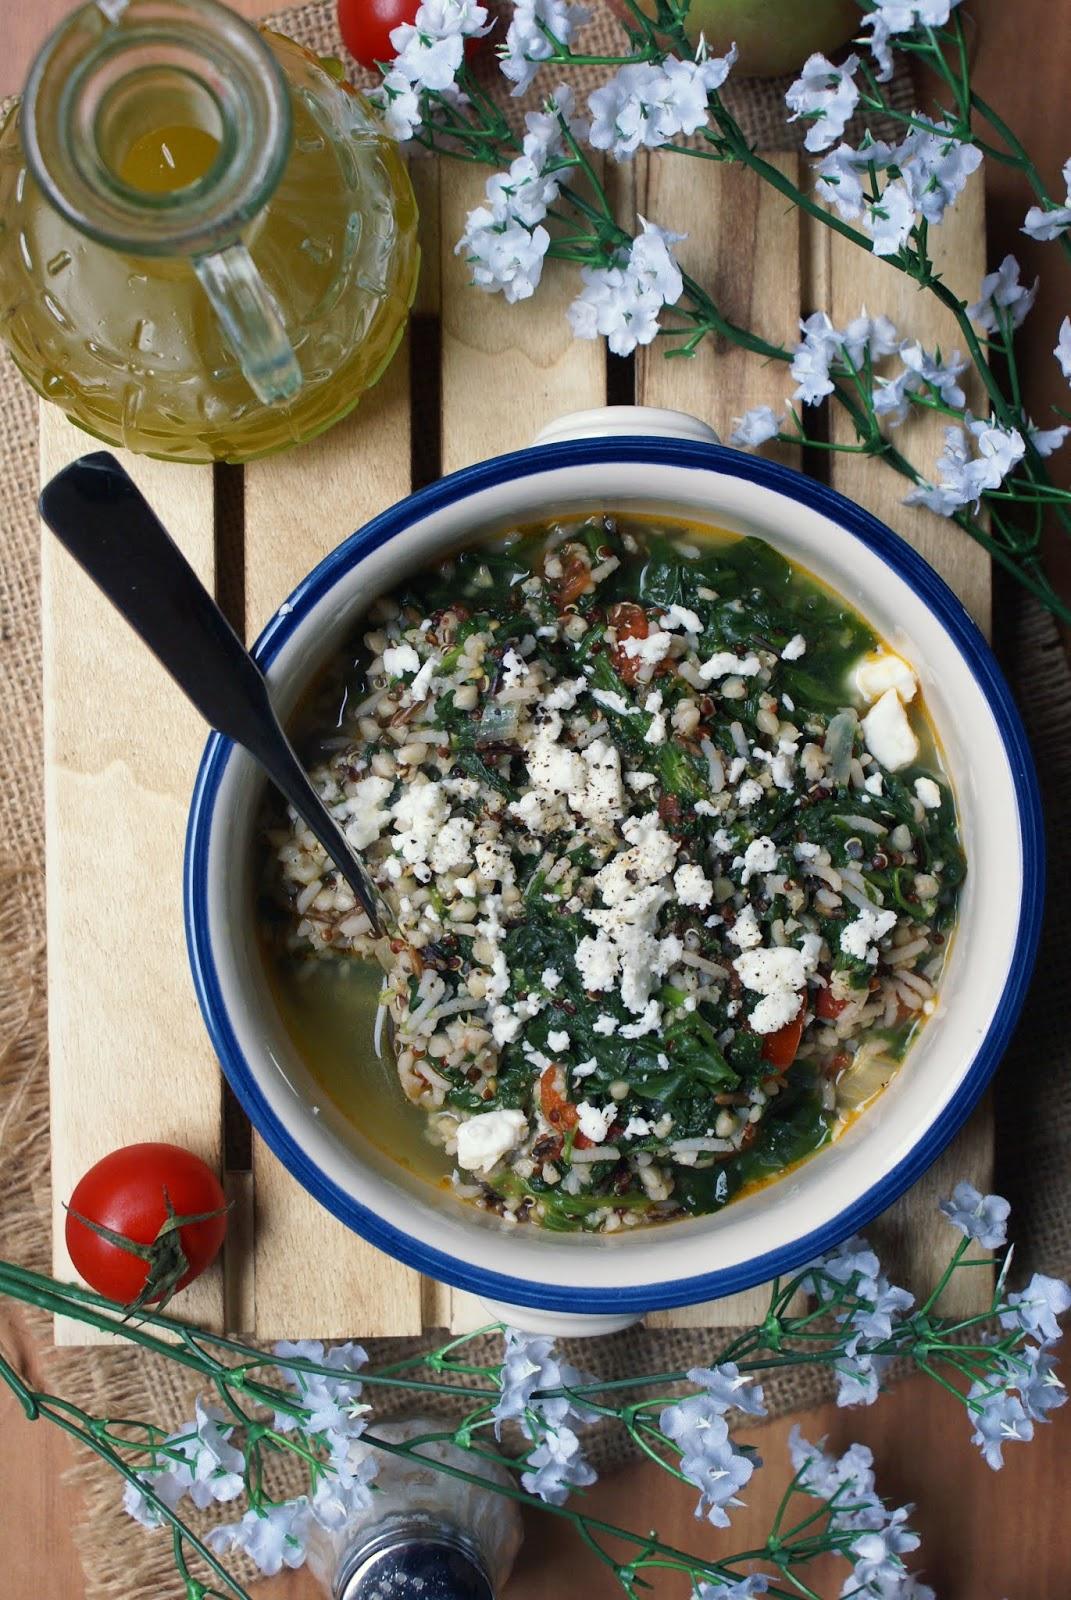 Minestra di spinaci e cereali antichi servita con formaggio feta e pepe nero macinato